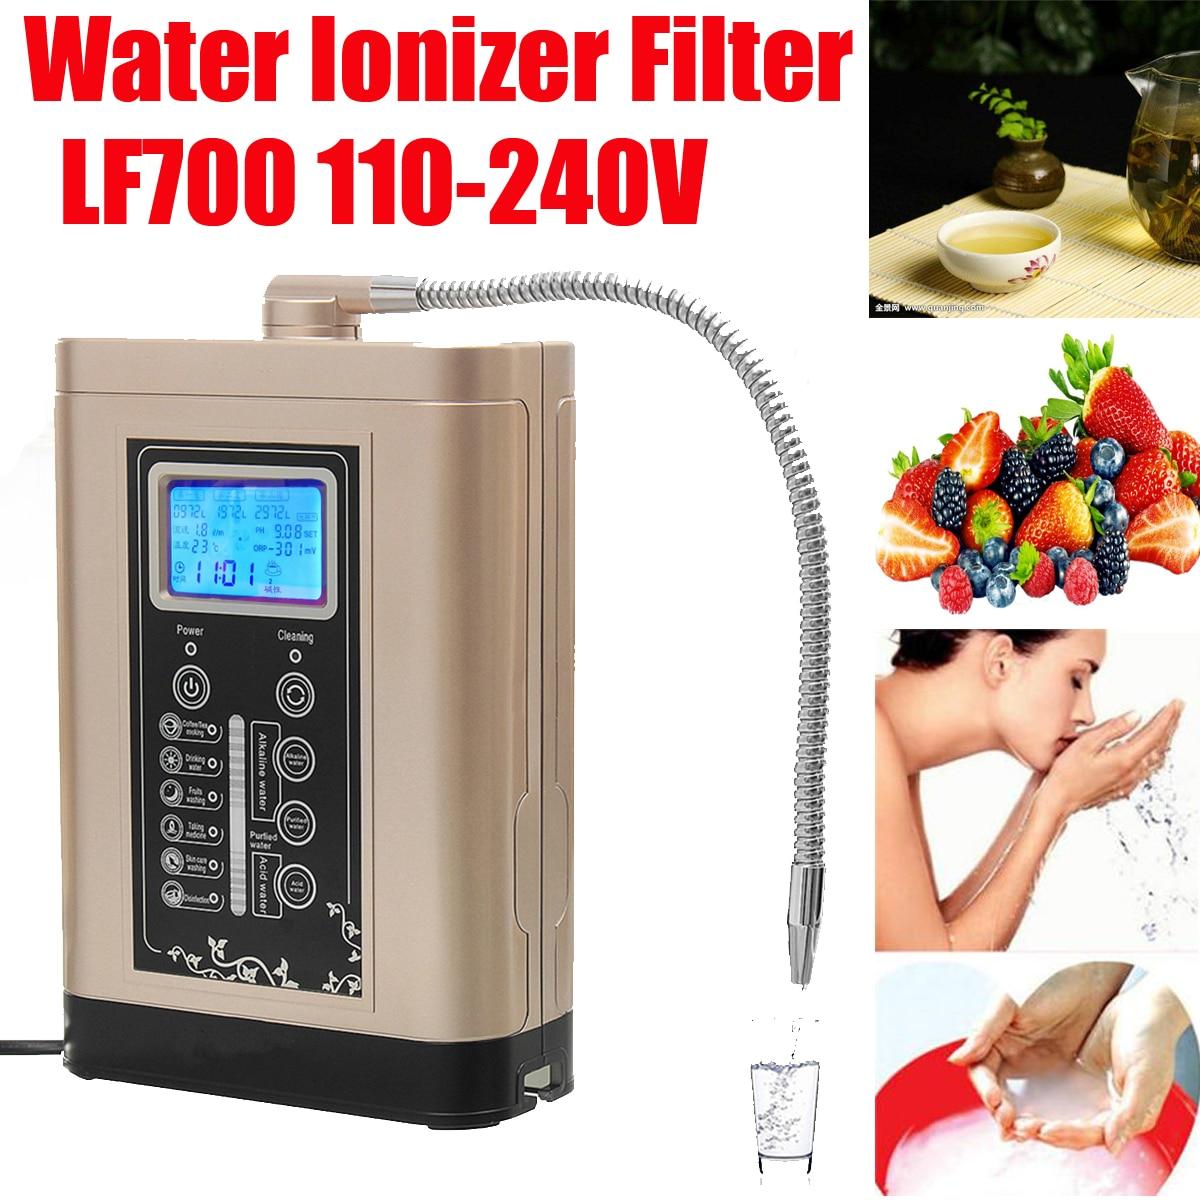 110-240 V de acero LF700 ionizador purificador de agua de LCD Tou ch Control alcalina PH ácido ajustar la máquina es/US/enchufe de la UE